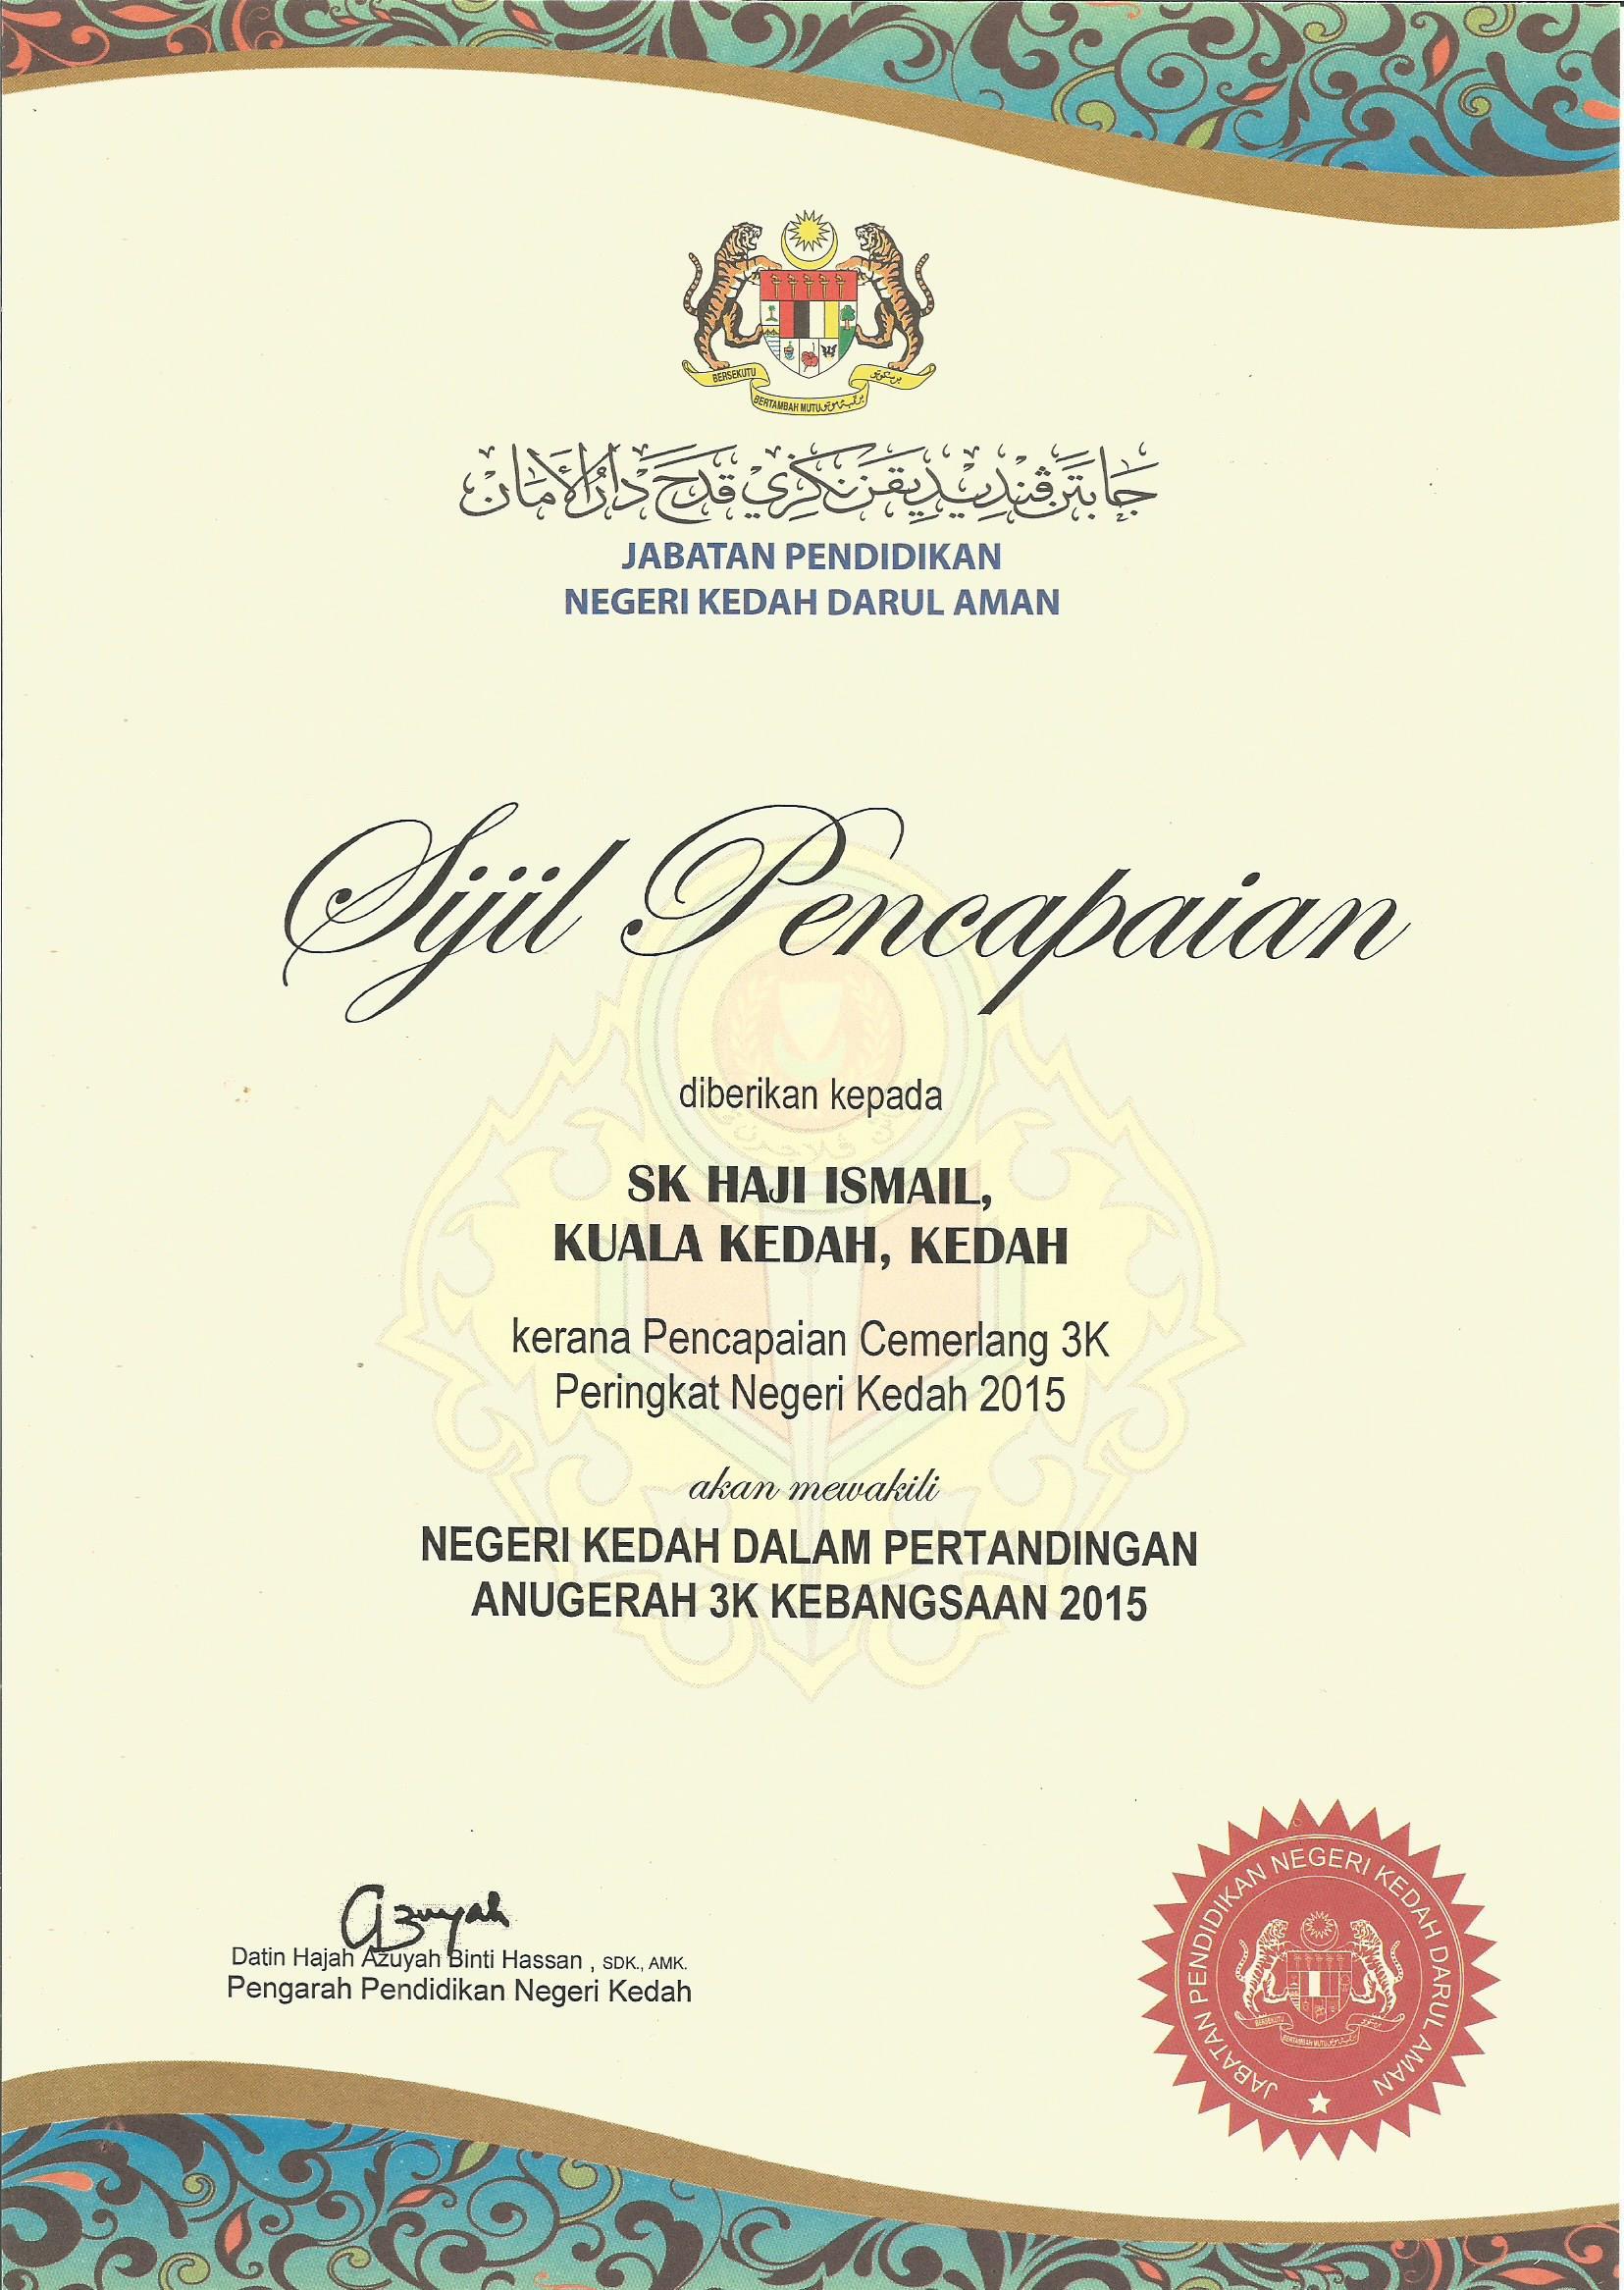 Cemerlang 3K Negeri Kedah 2015